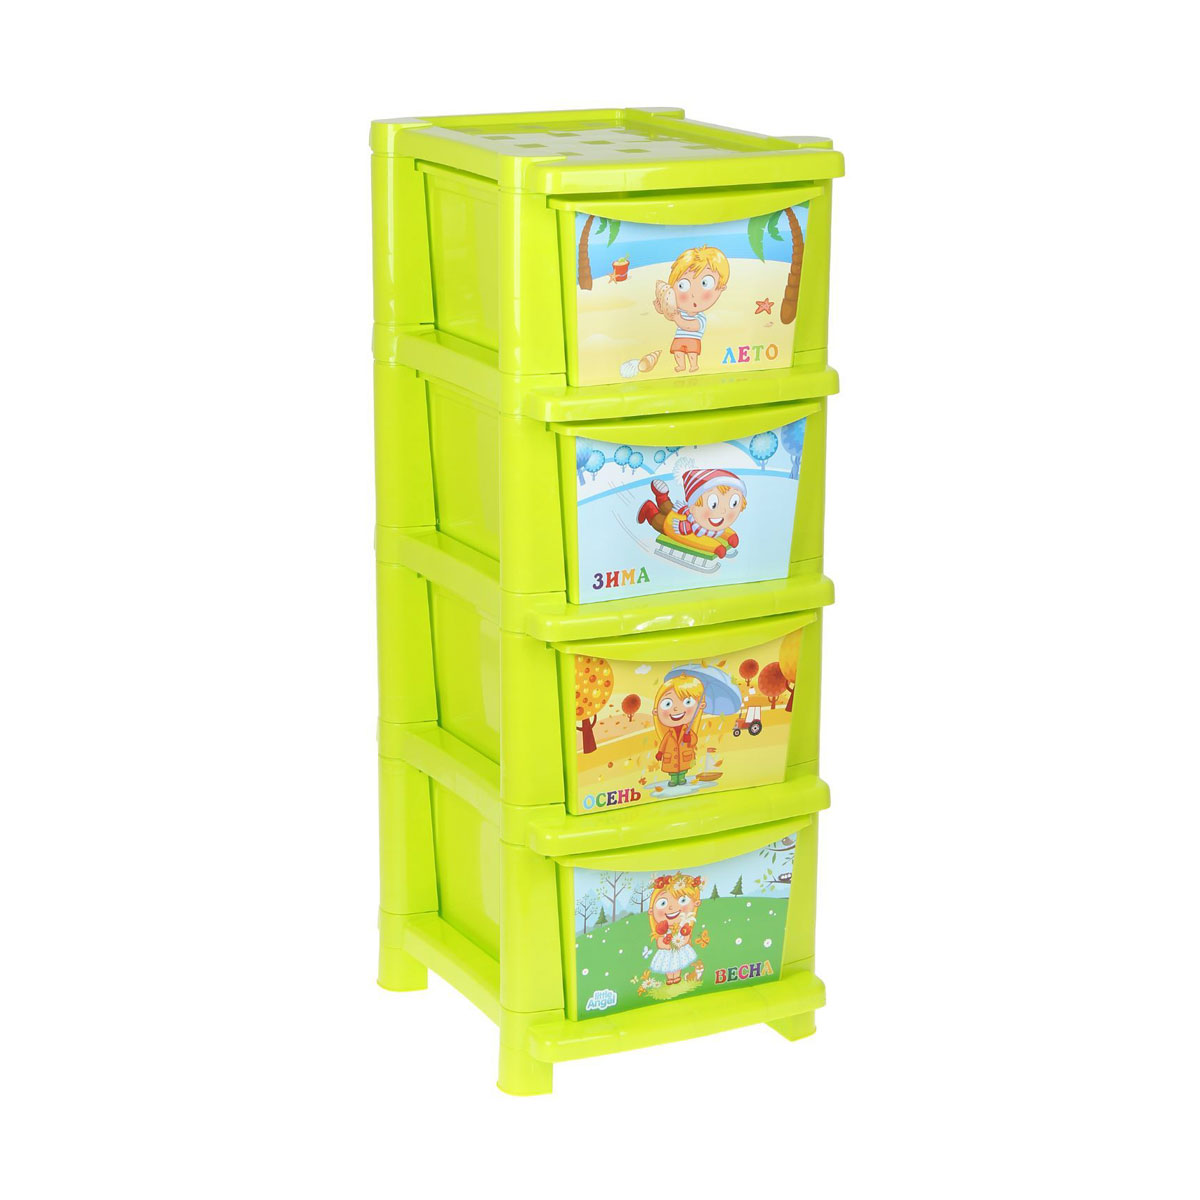 Комод для детской комнаты Обучайка - Времена года, салатовыйКорзины для игрушек<br>Комод для детской комнаты Обучайка - Времена года, салатовый<br>